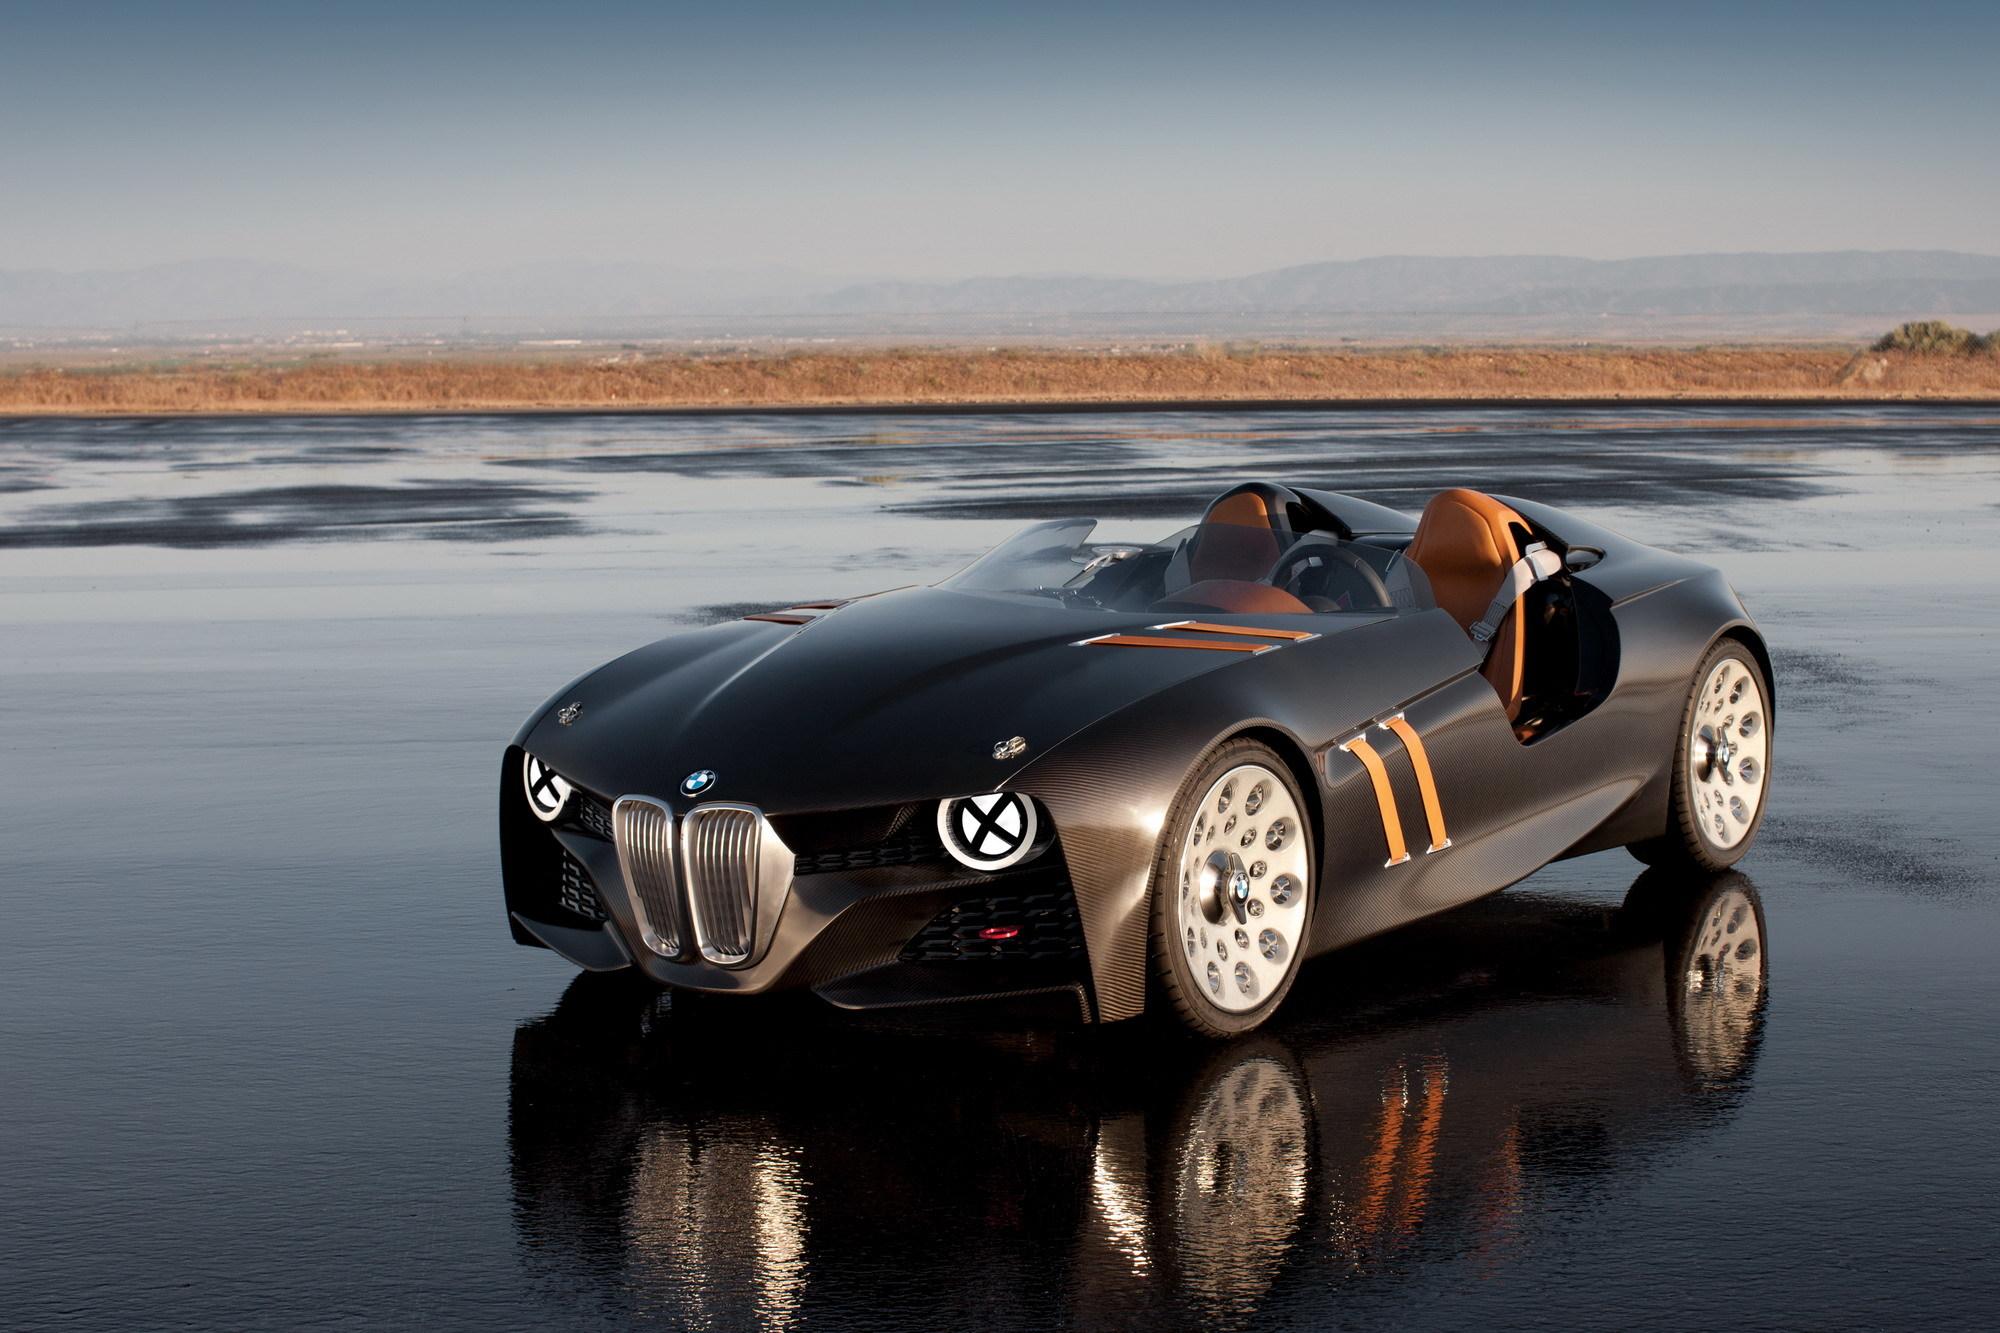 Картинка: BMW, 328, Hommage, 2011, концепт-кар, горизонт, пустыня, вода, отражение